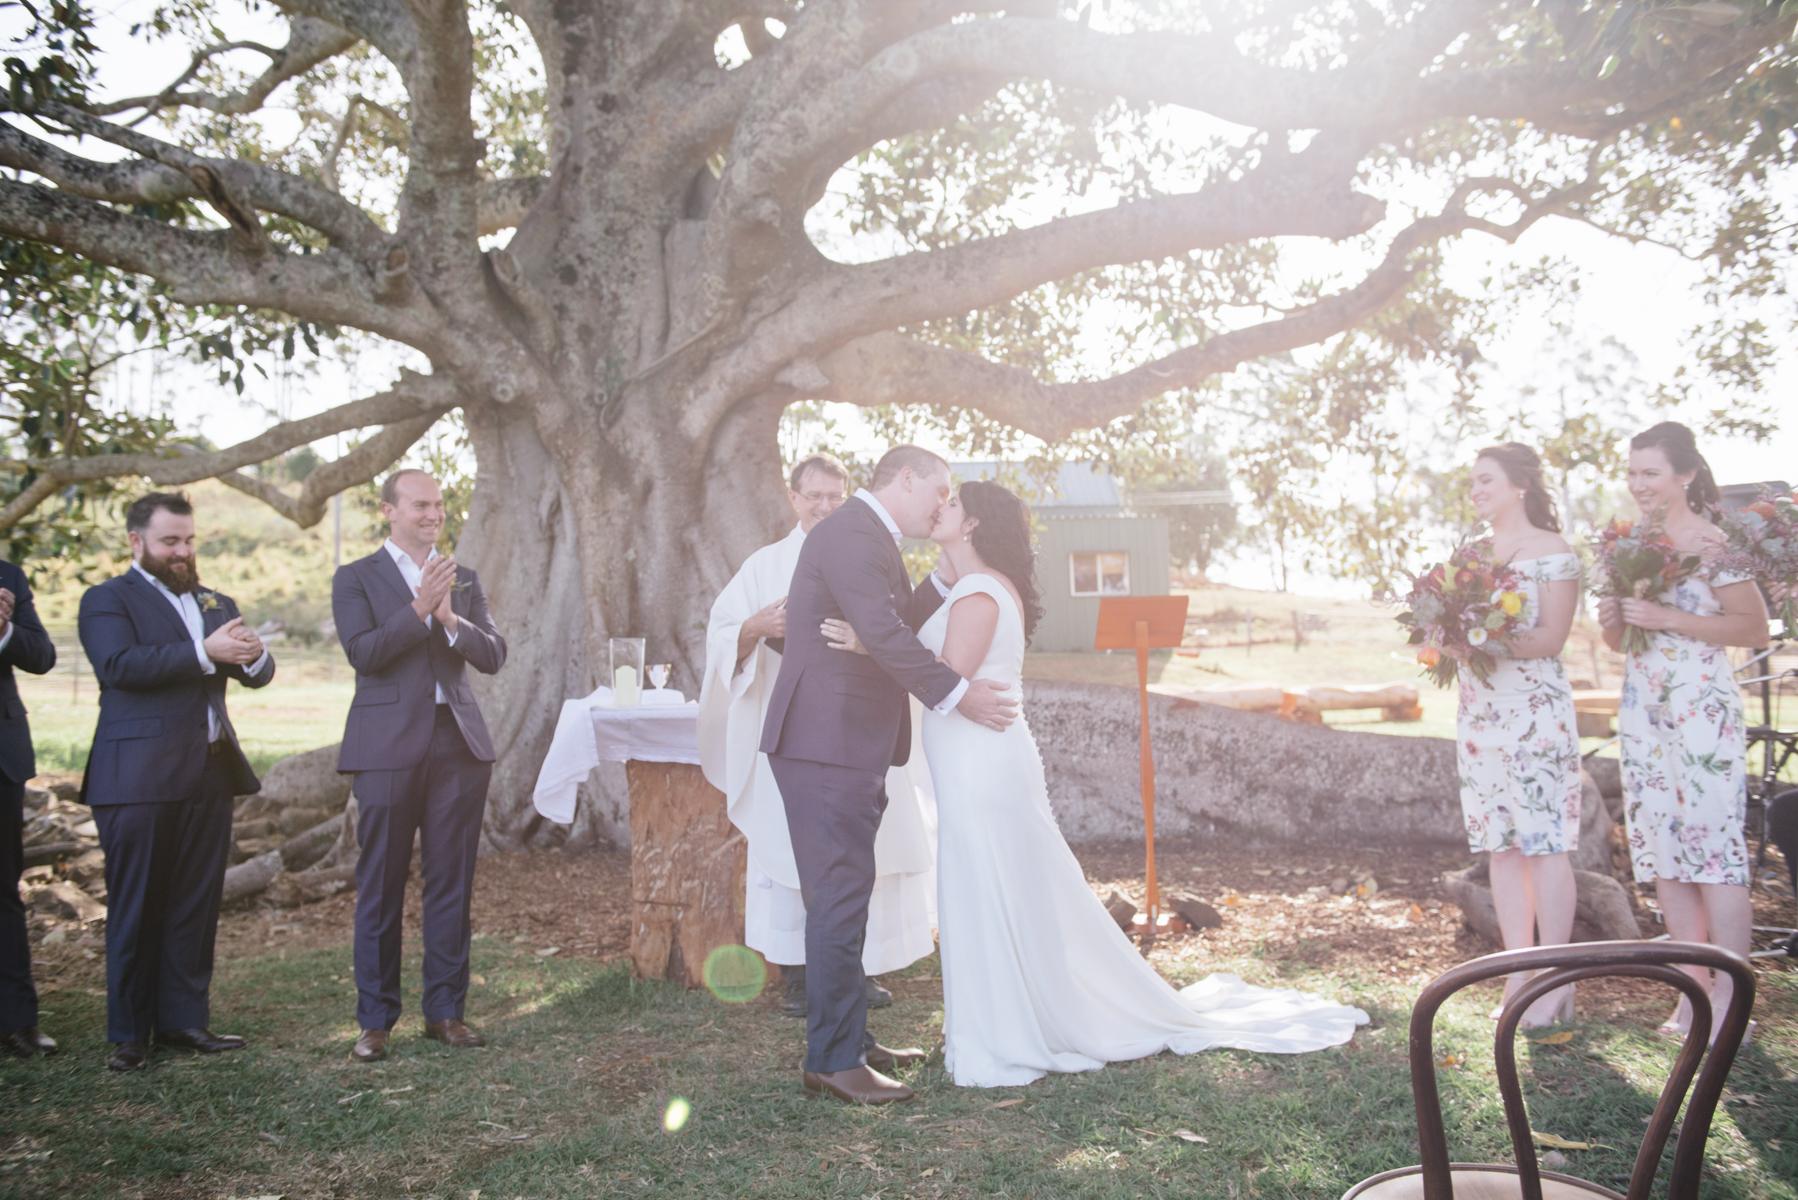 sarahandBenwedding- skyla sage photography weddings, families, byron bay,tweed coast,kingscliff,cabarita,gold coast-430.jpg